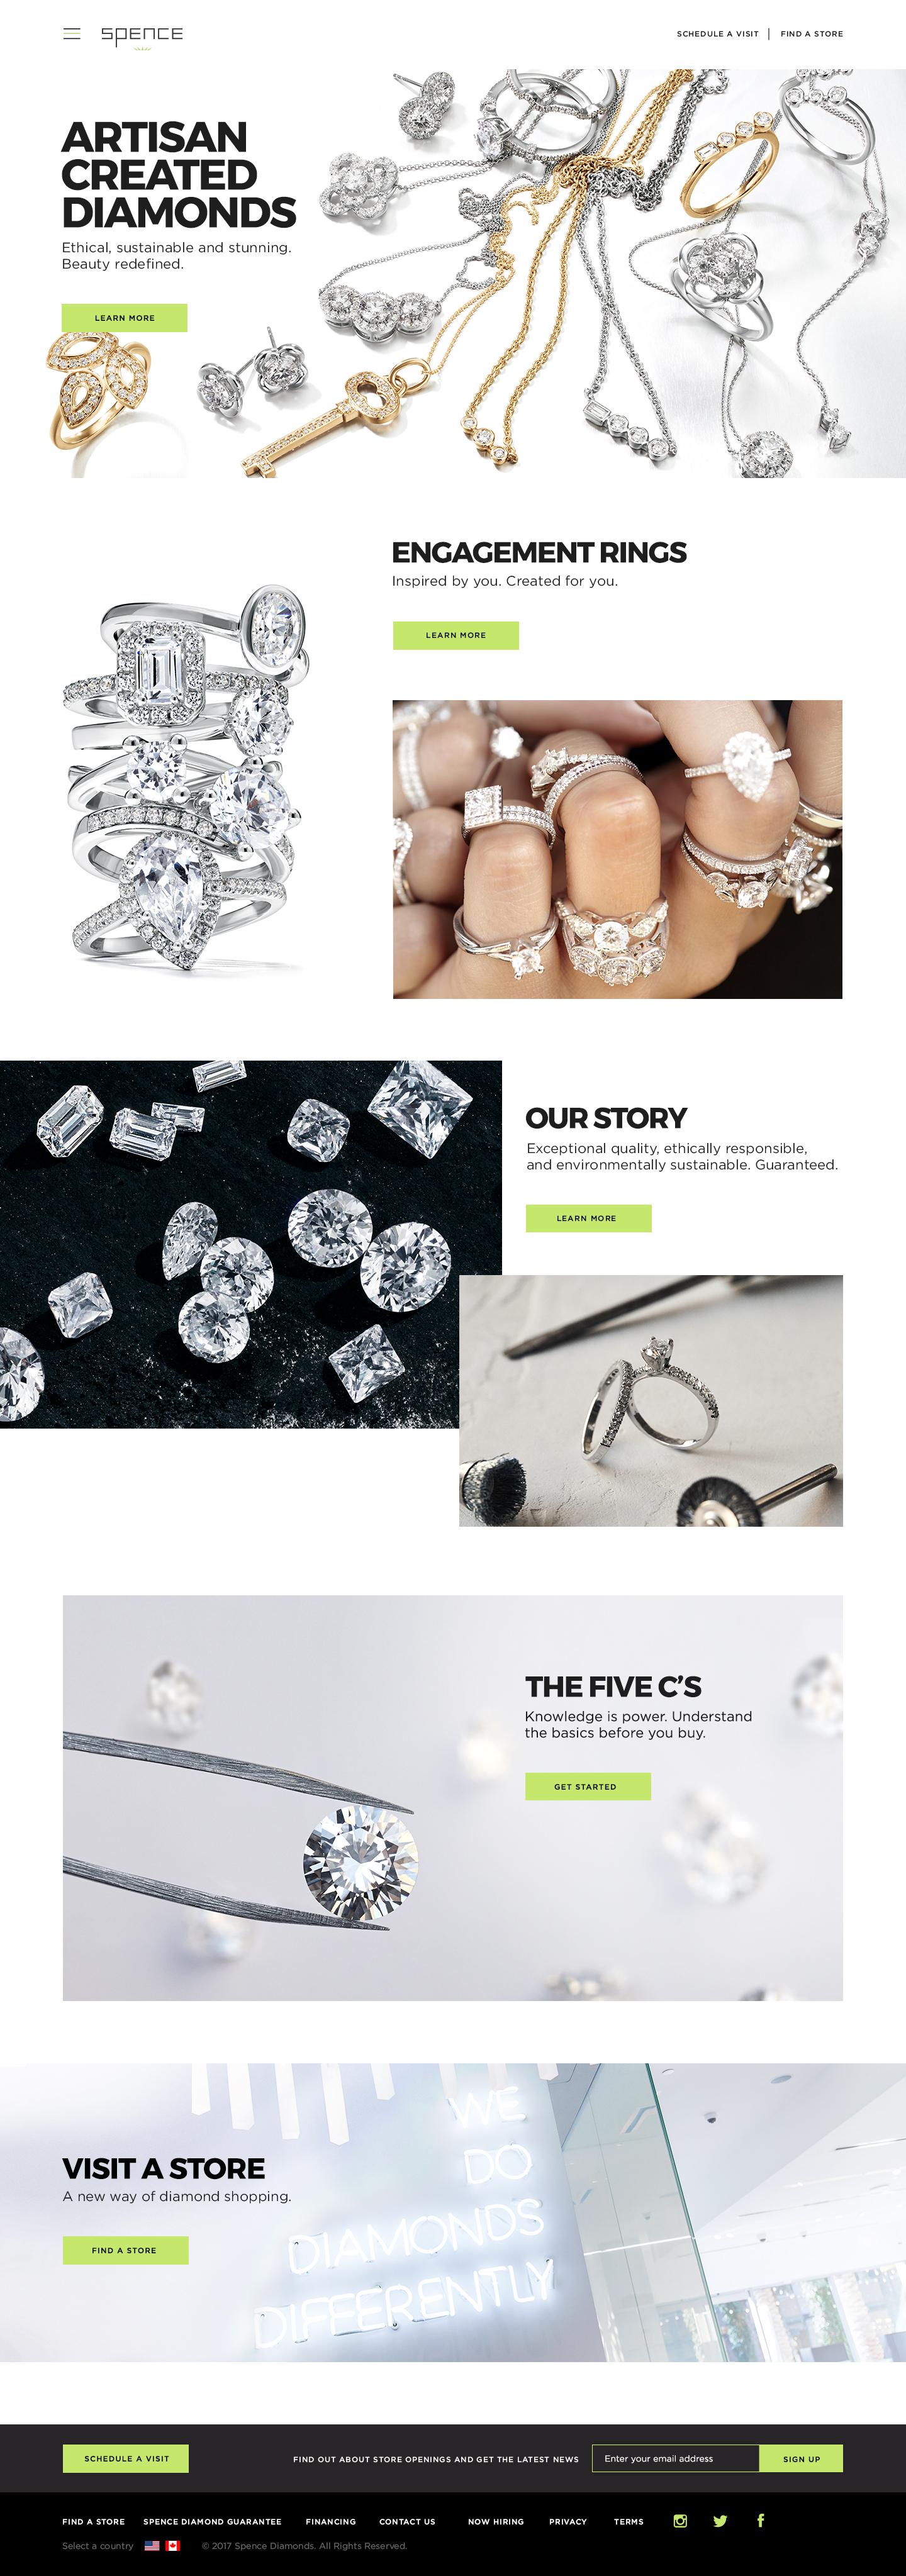 Spence Homepage.jpg